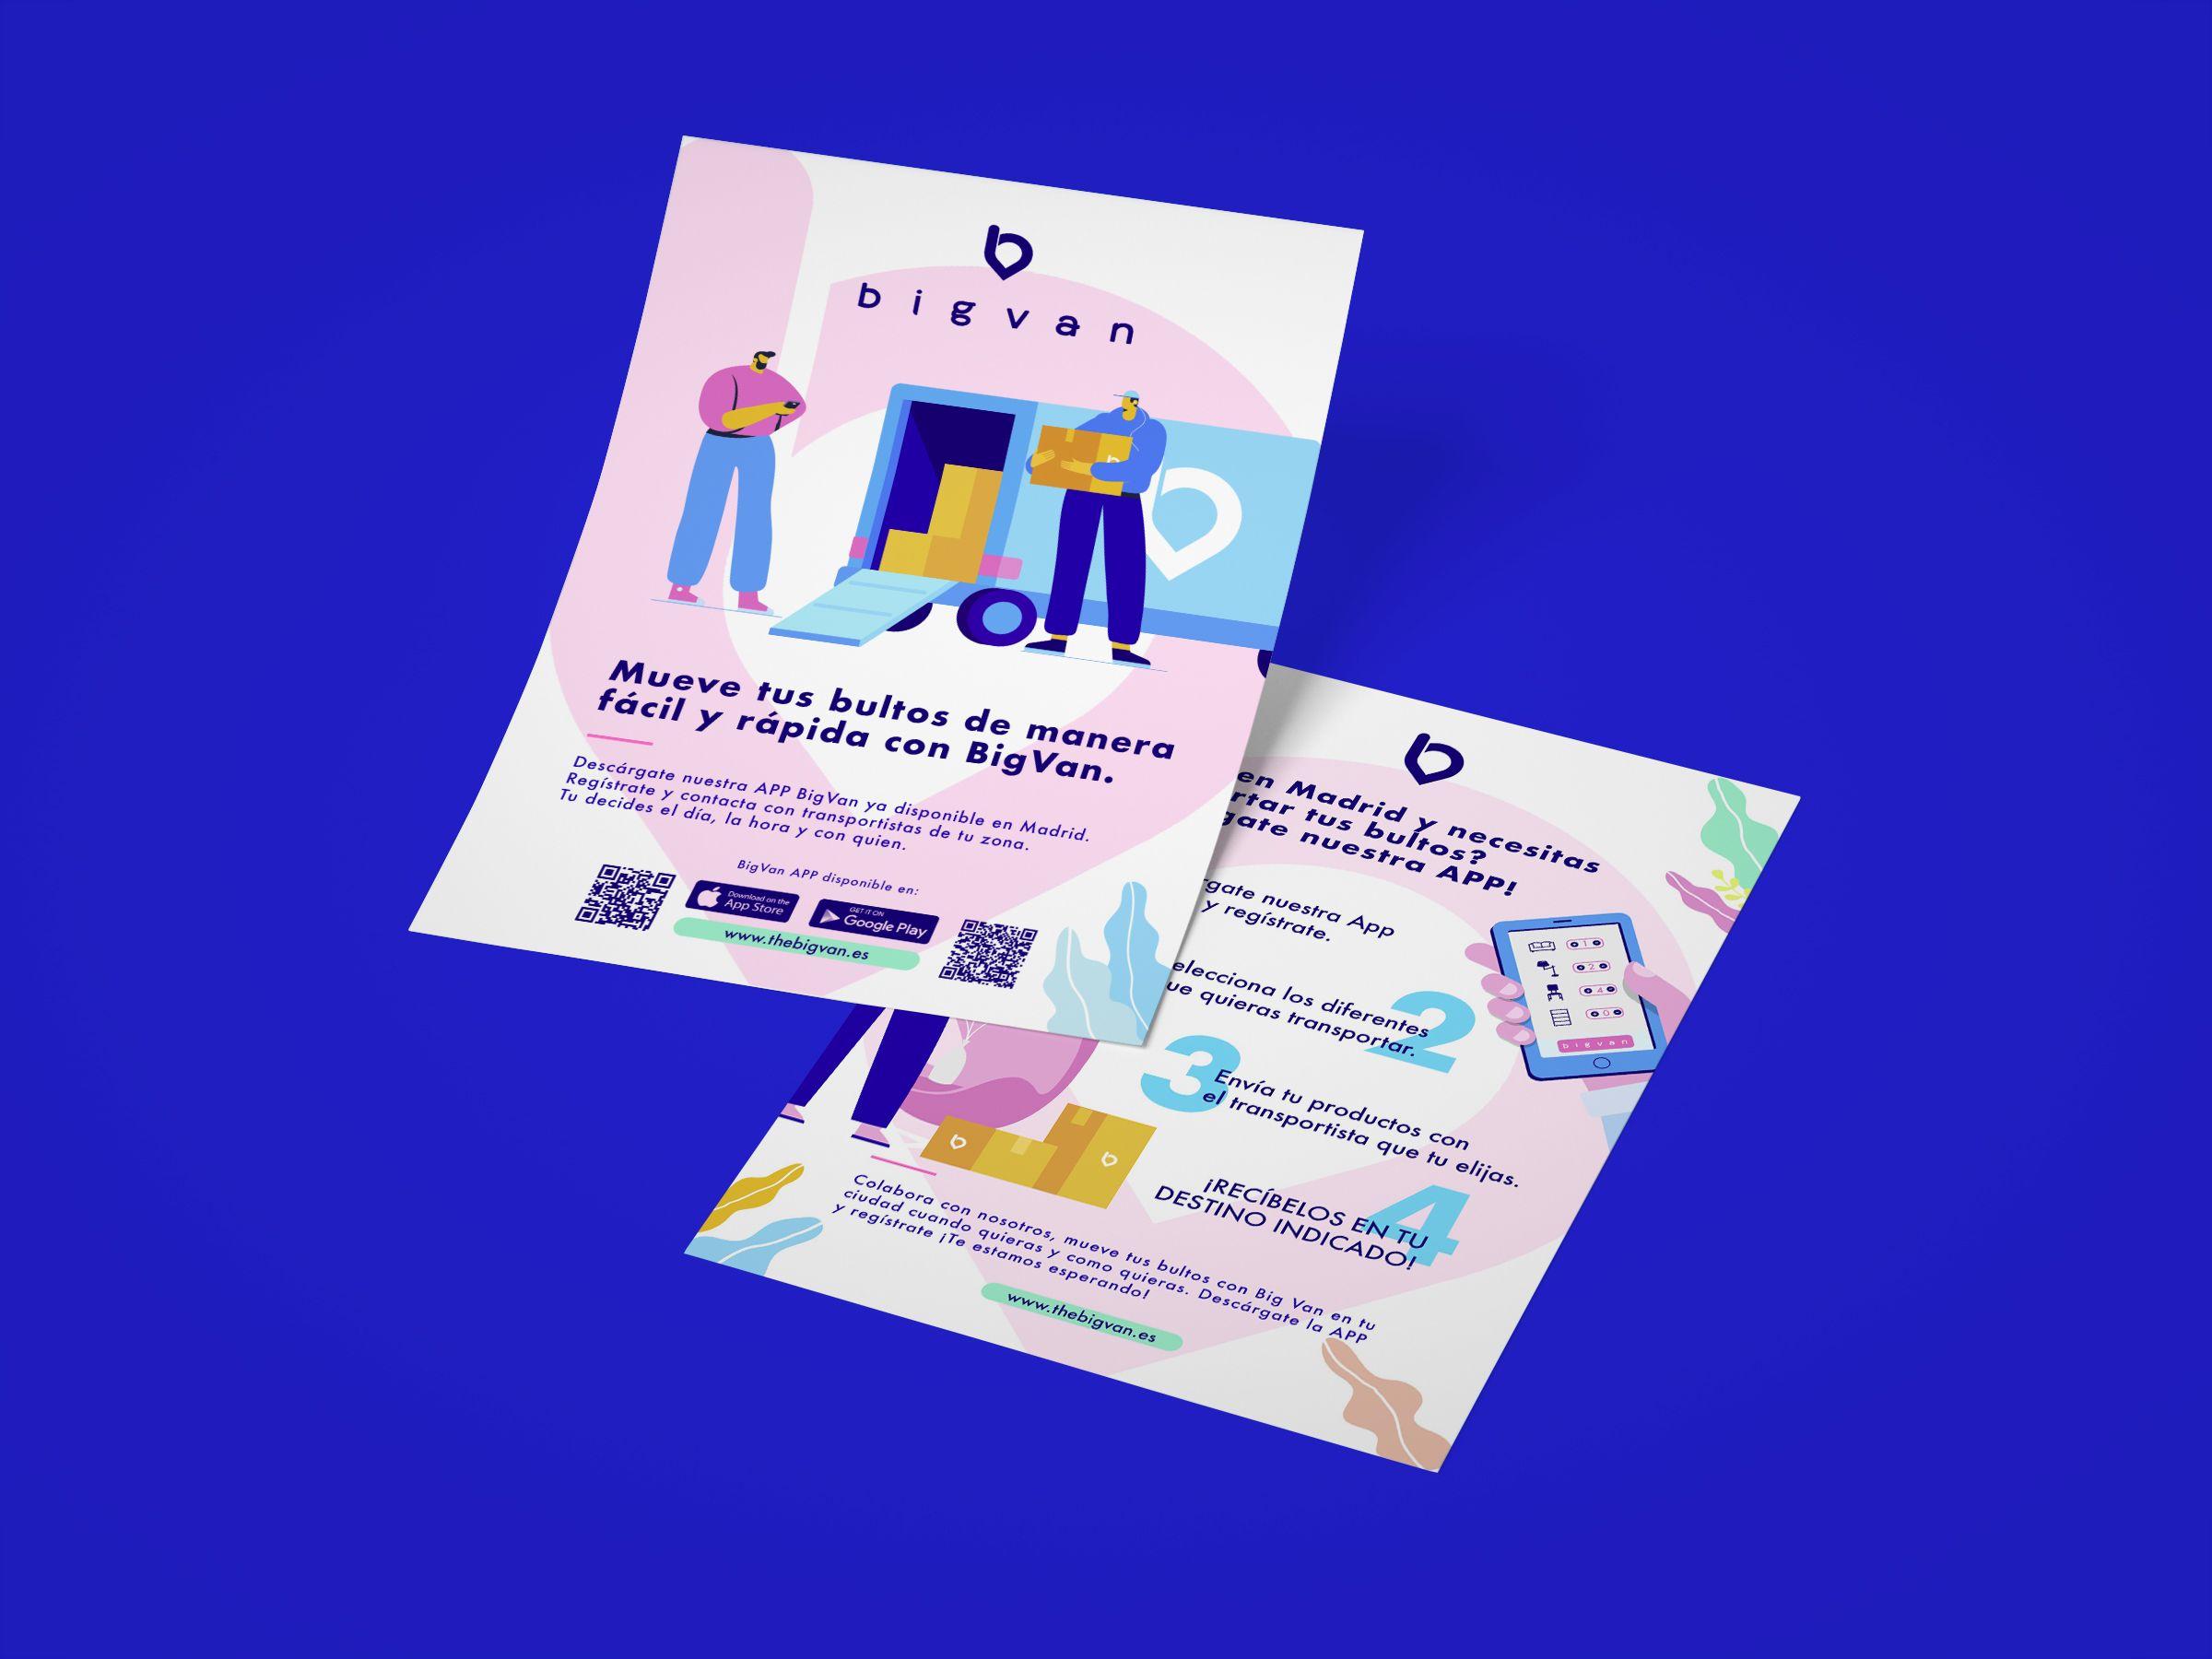 diseño flyer bigvan